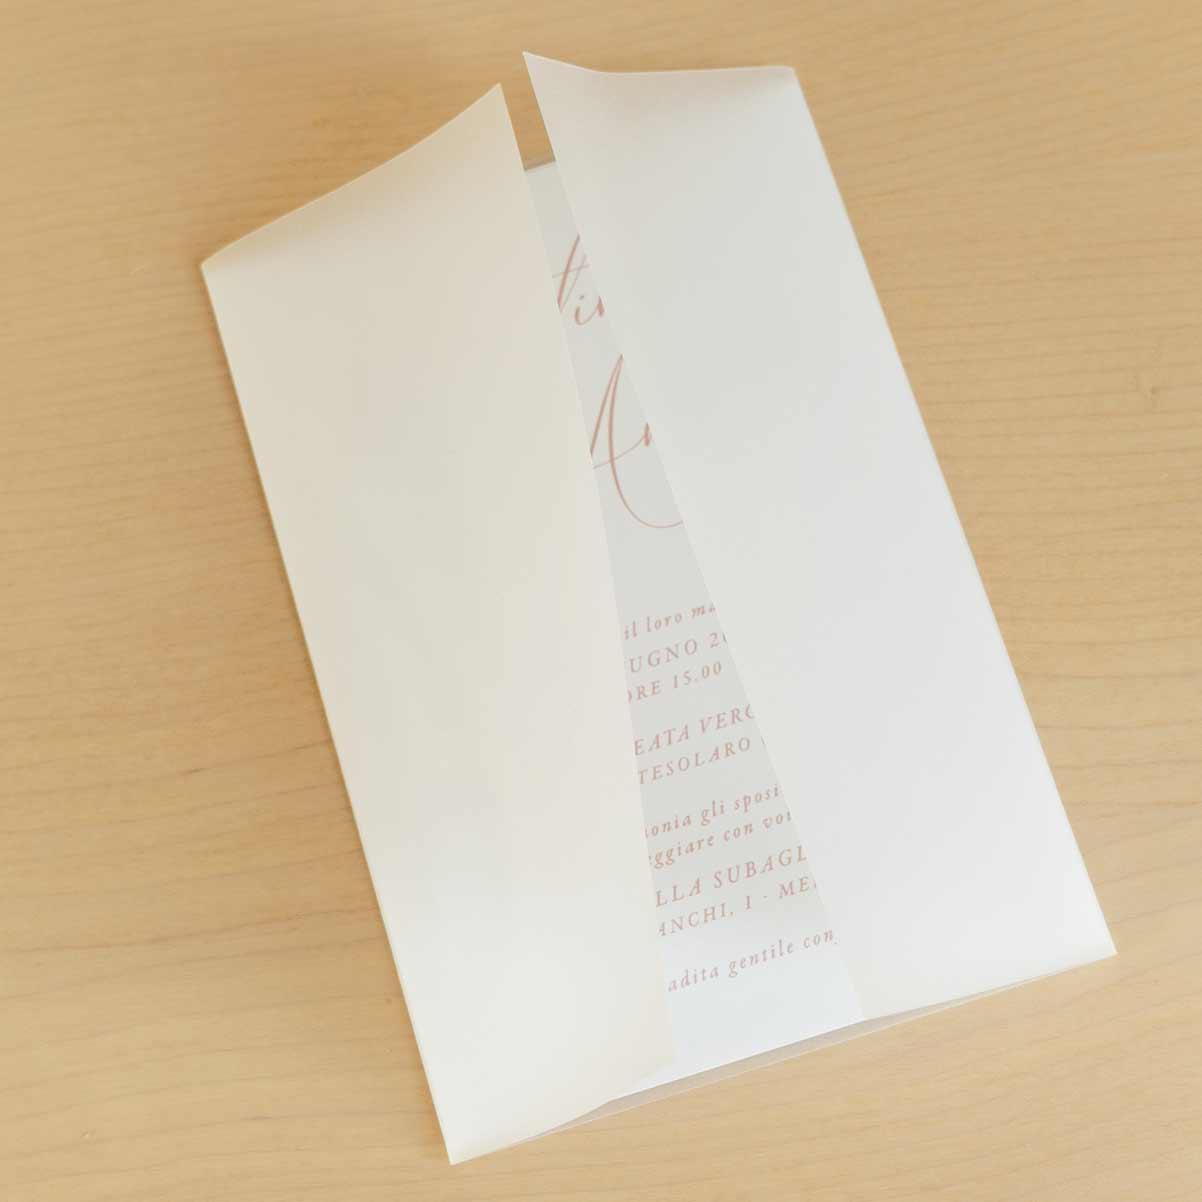 Copertina-Traslucida-Trasparente-Carta-Partecipazioni-Vellum-Nozze-Matrimonio-2020